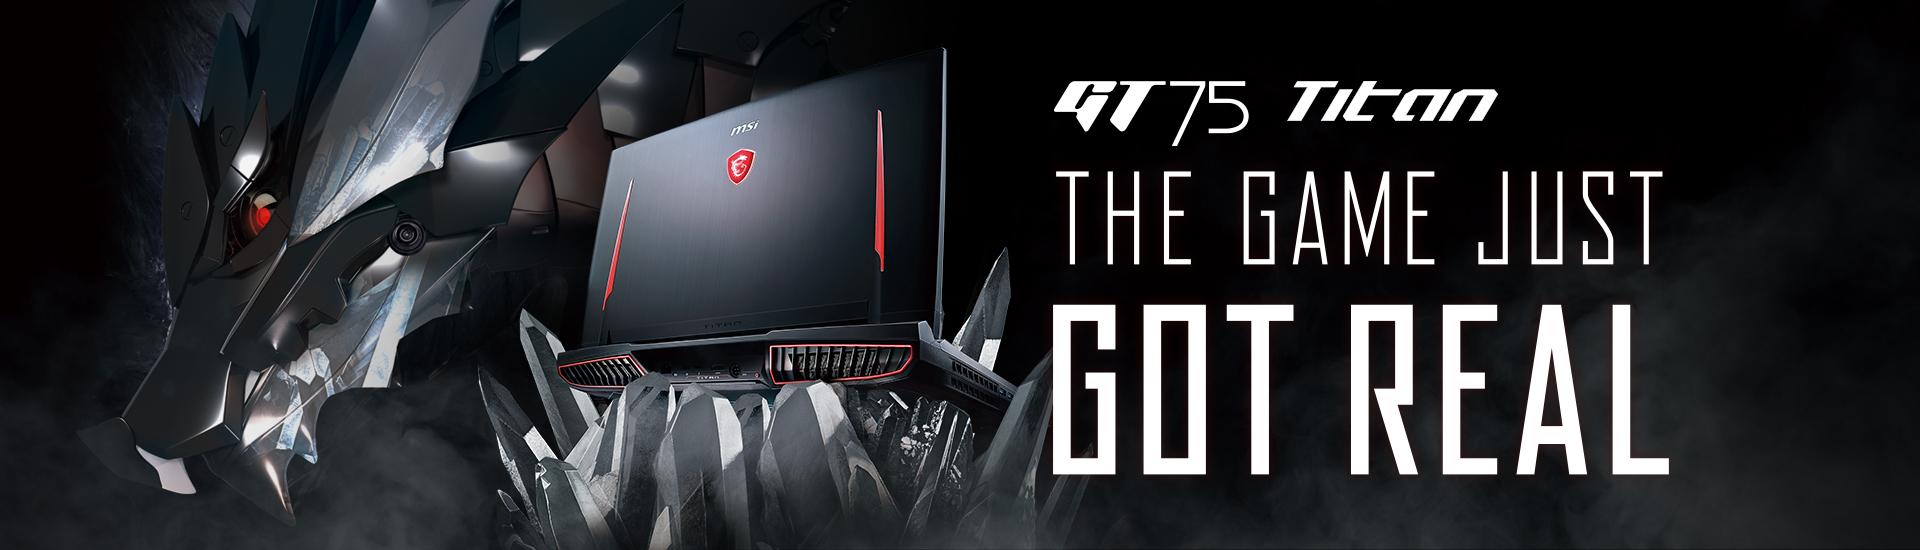 N18 GT75